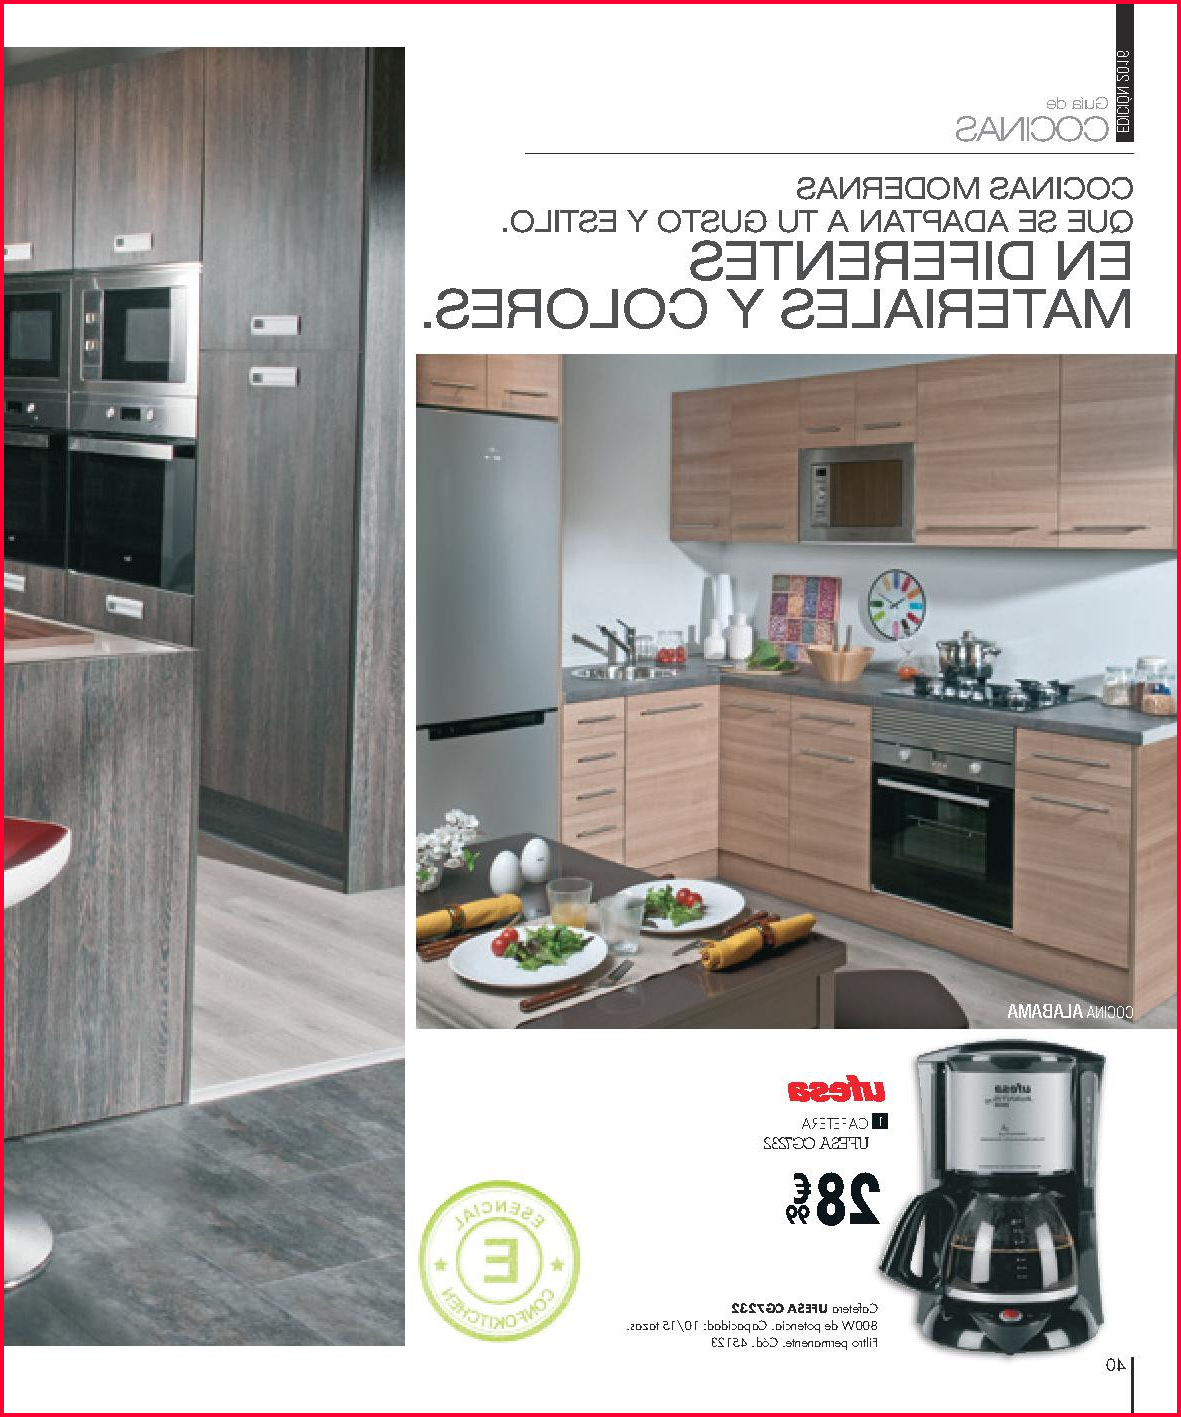 Muebles Baño Conforama Ffdn Muebles De Cocina Conforama Catalogo Muebles De Cocina